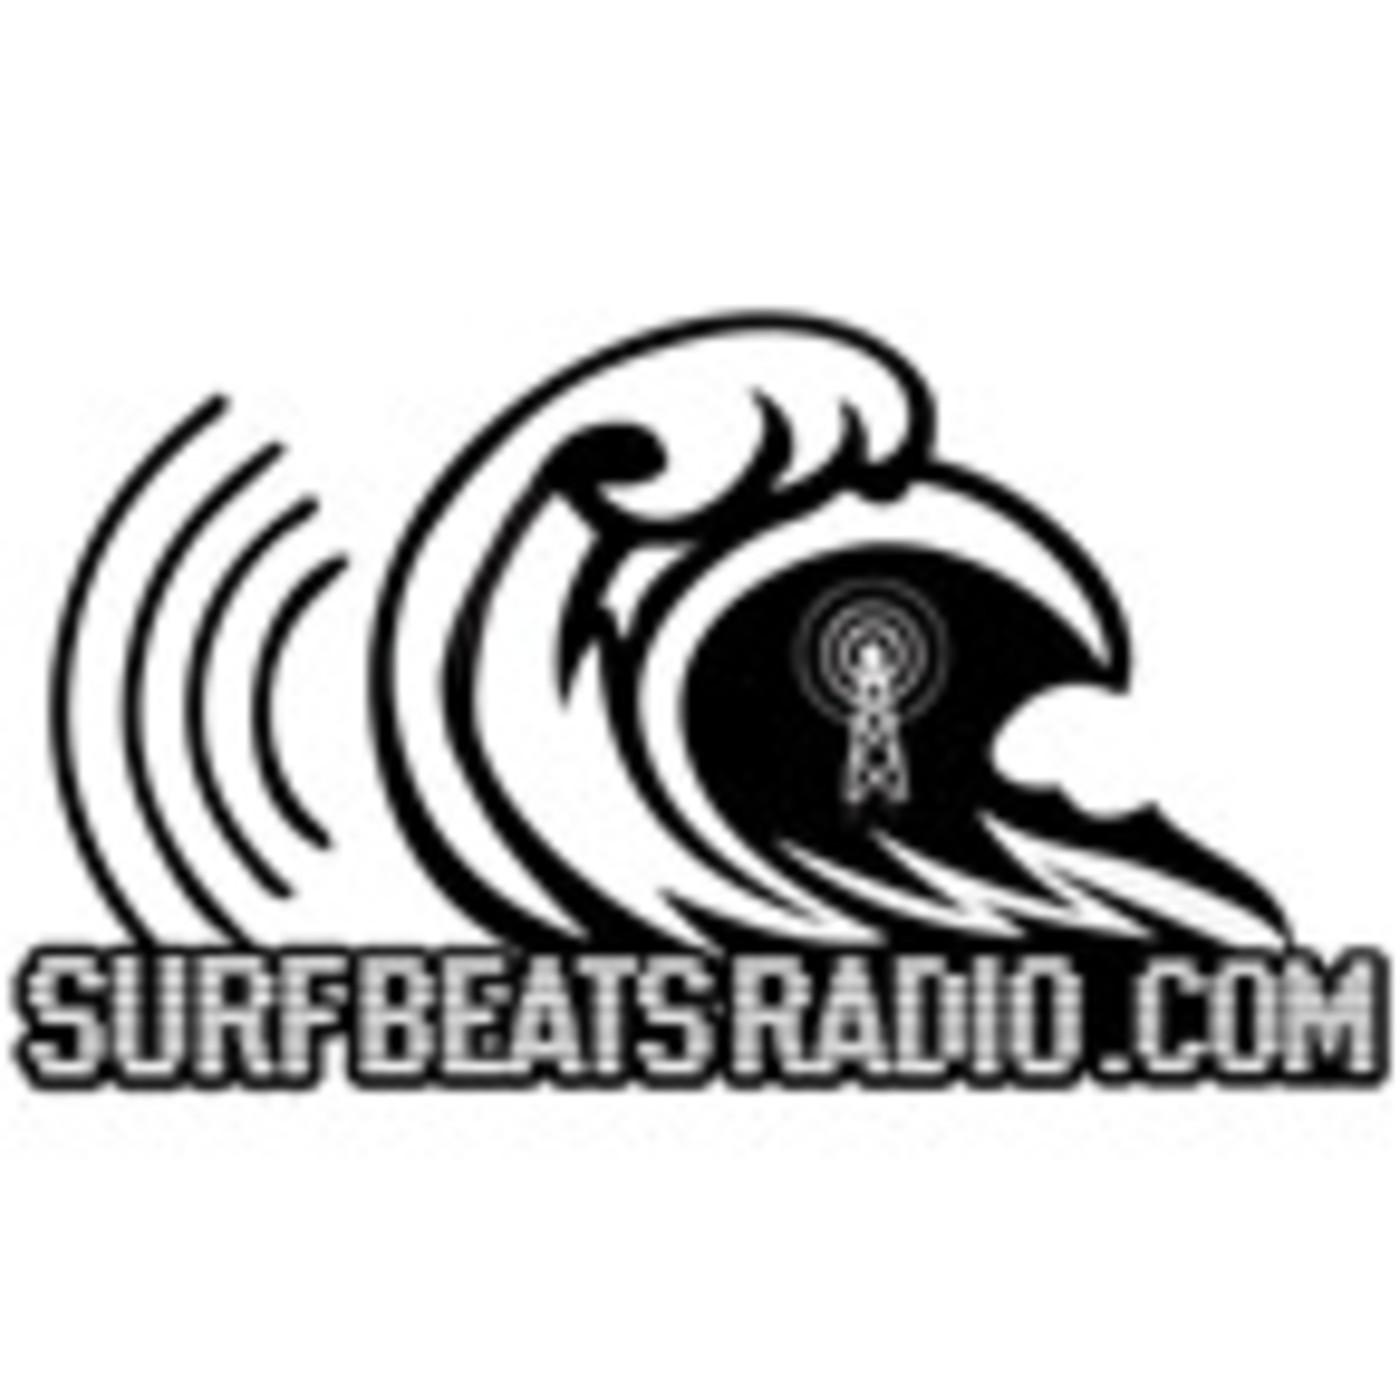 SurfBeats Radio